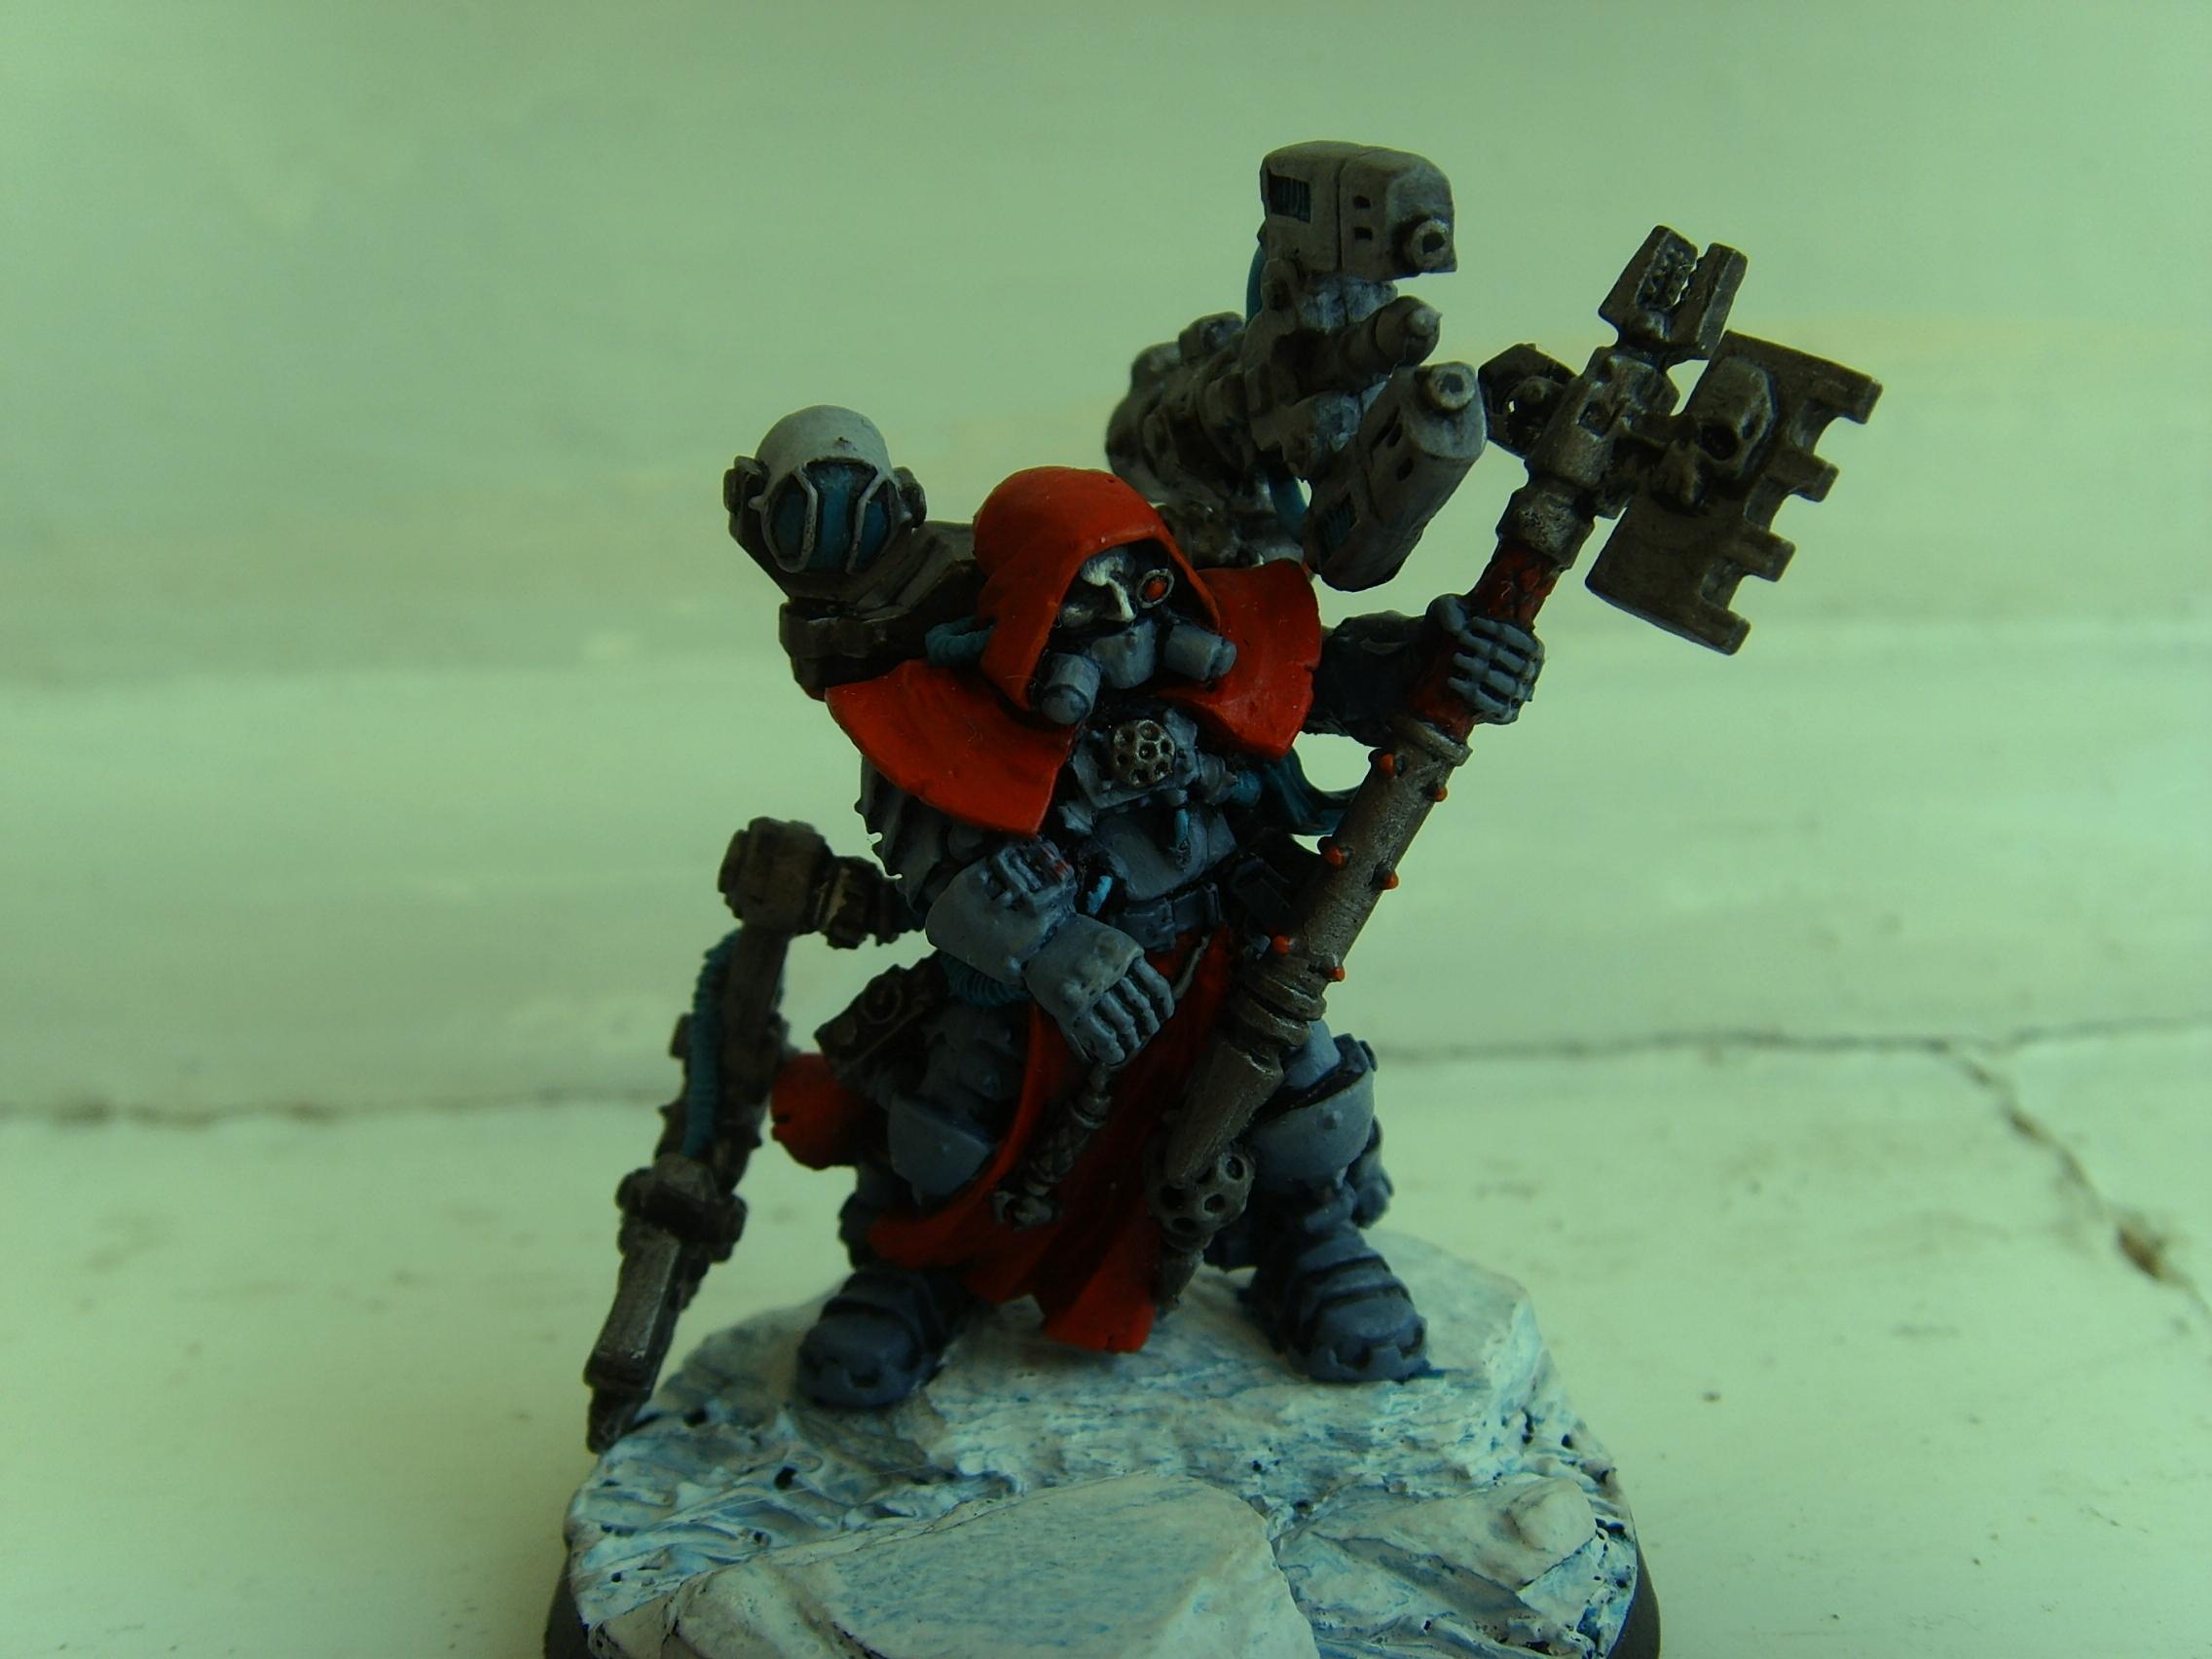 Adeptus Mechanicus, Enginseer, Space Marines, Tech Priest, Techmarine, Warhammer 40,000